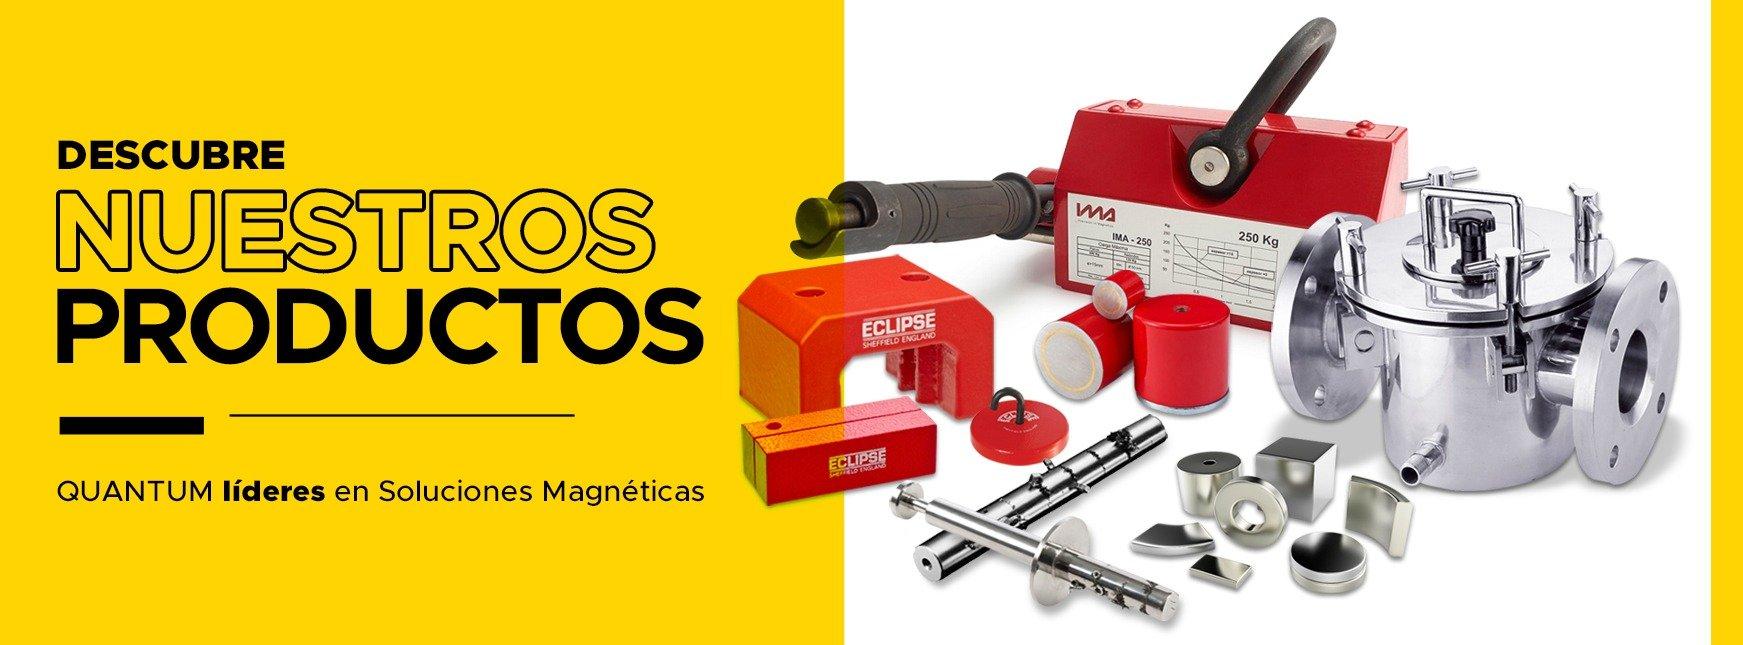 EN amarillo gama de productos quantum Trampas Magnéticas sólidos Desincrustador Magnético filtros magnéticos